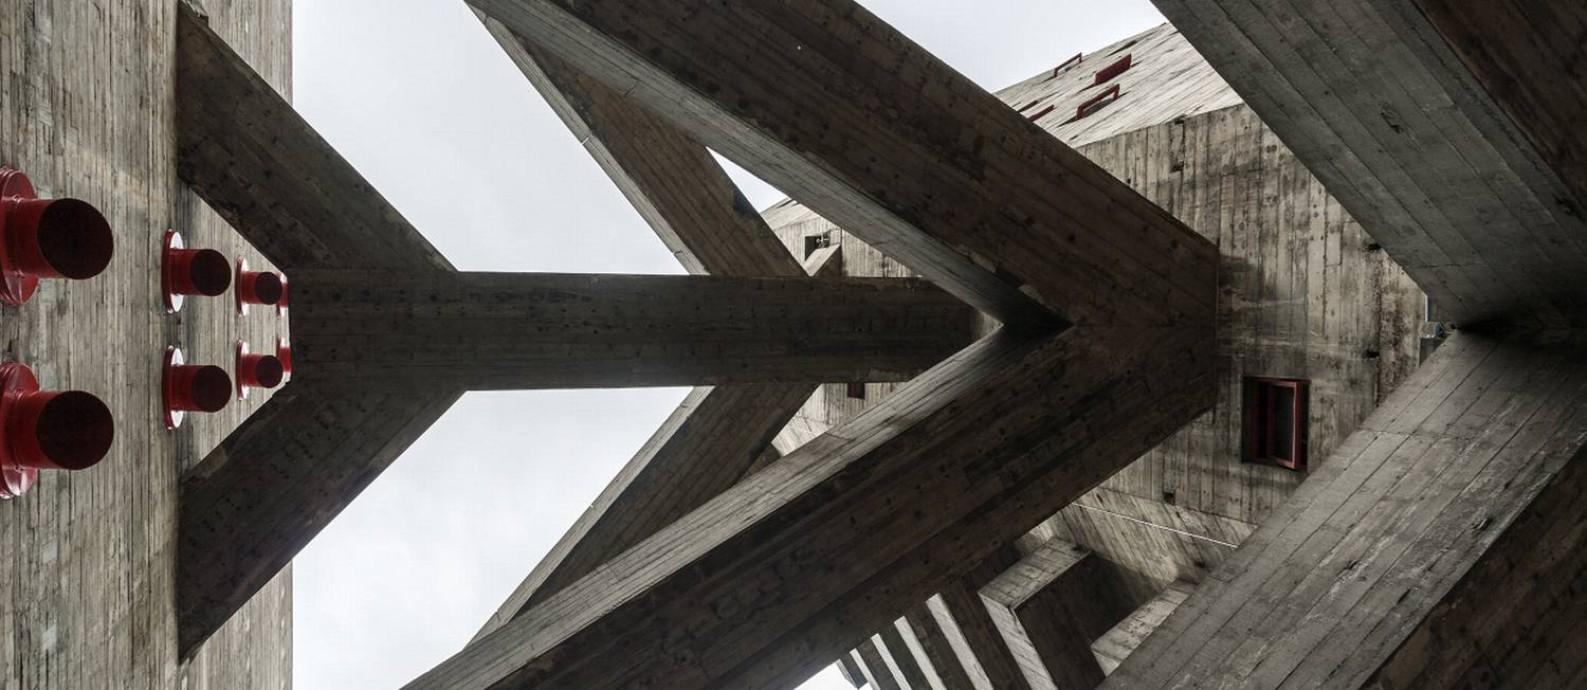 Visão inferior do Sesc Pompeia, projeto de 1977 de Lina Bo Bardi Foto: Divulgação/Acervo Casa da Arquitectura